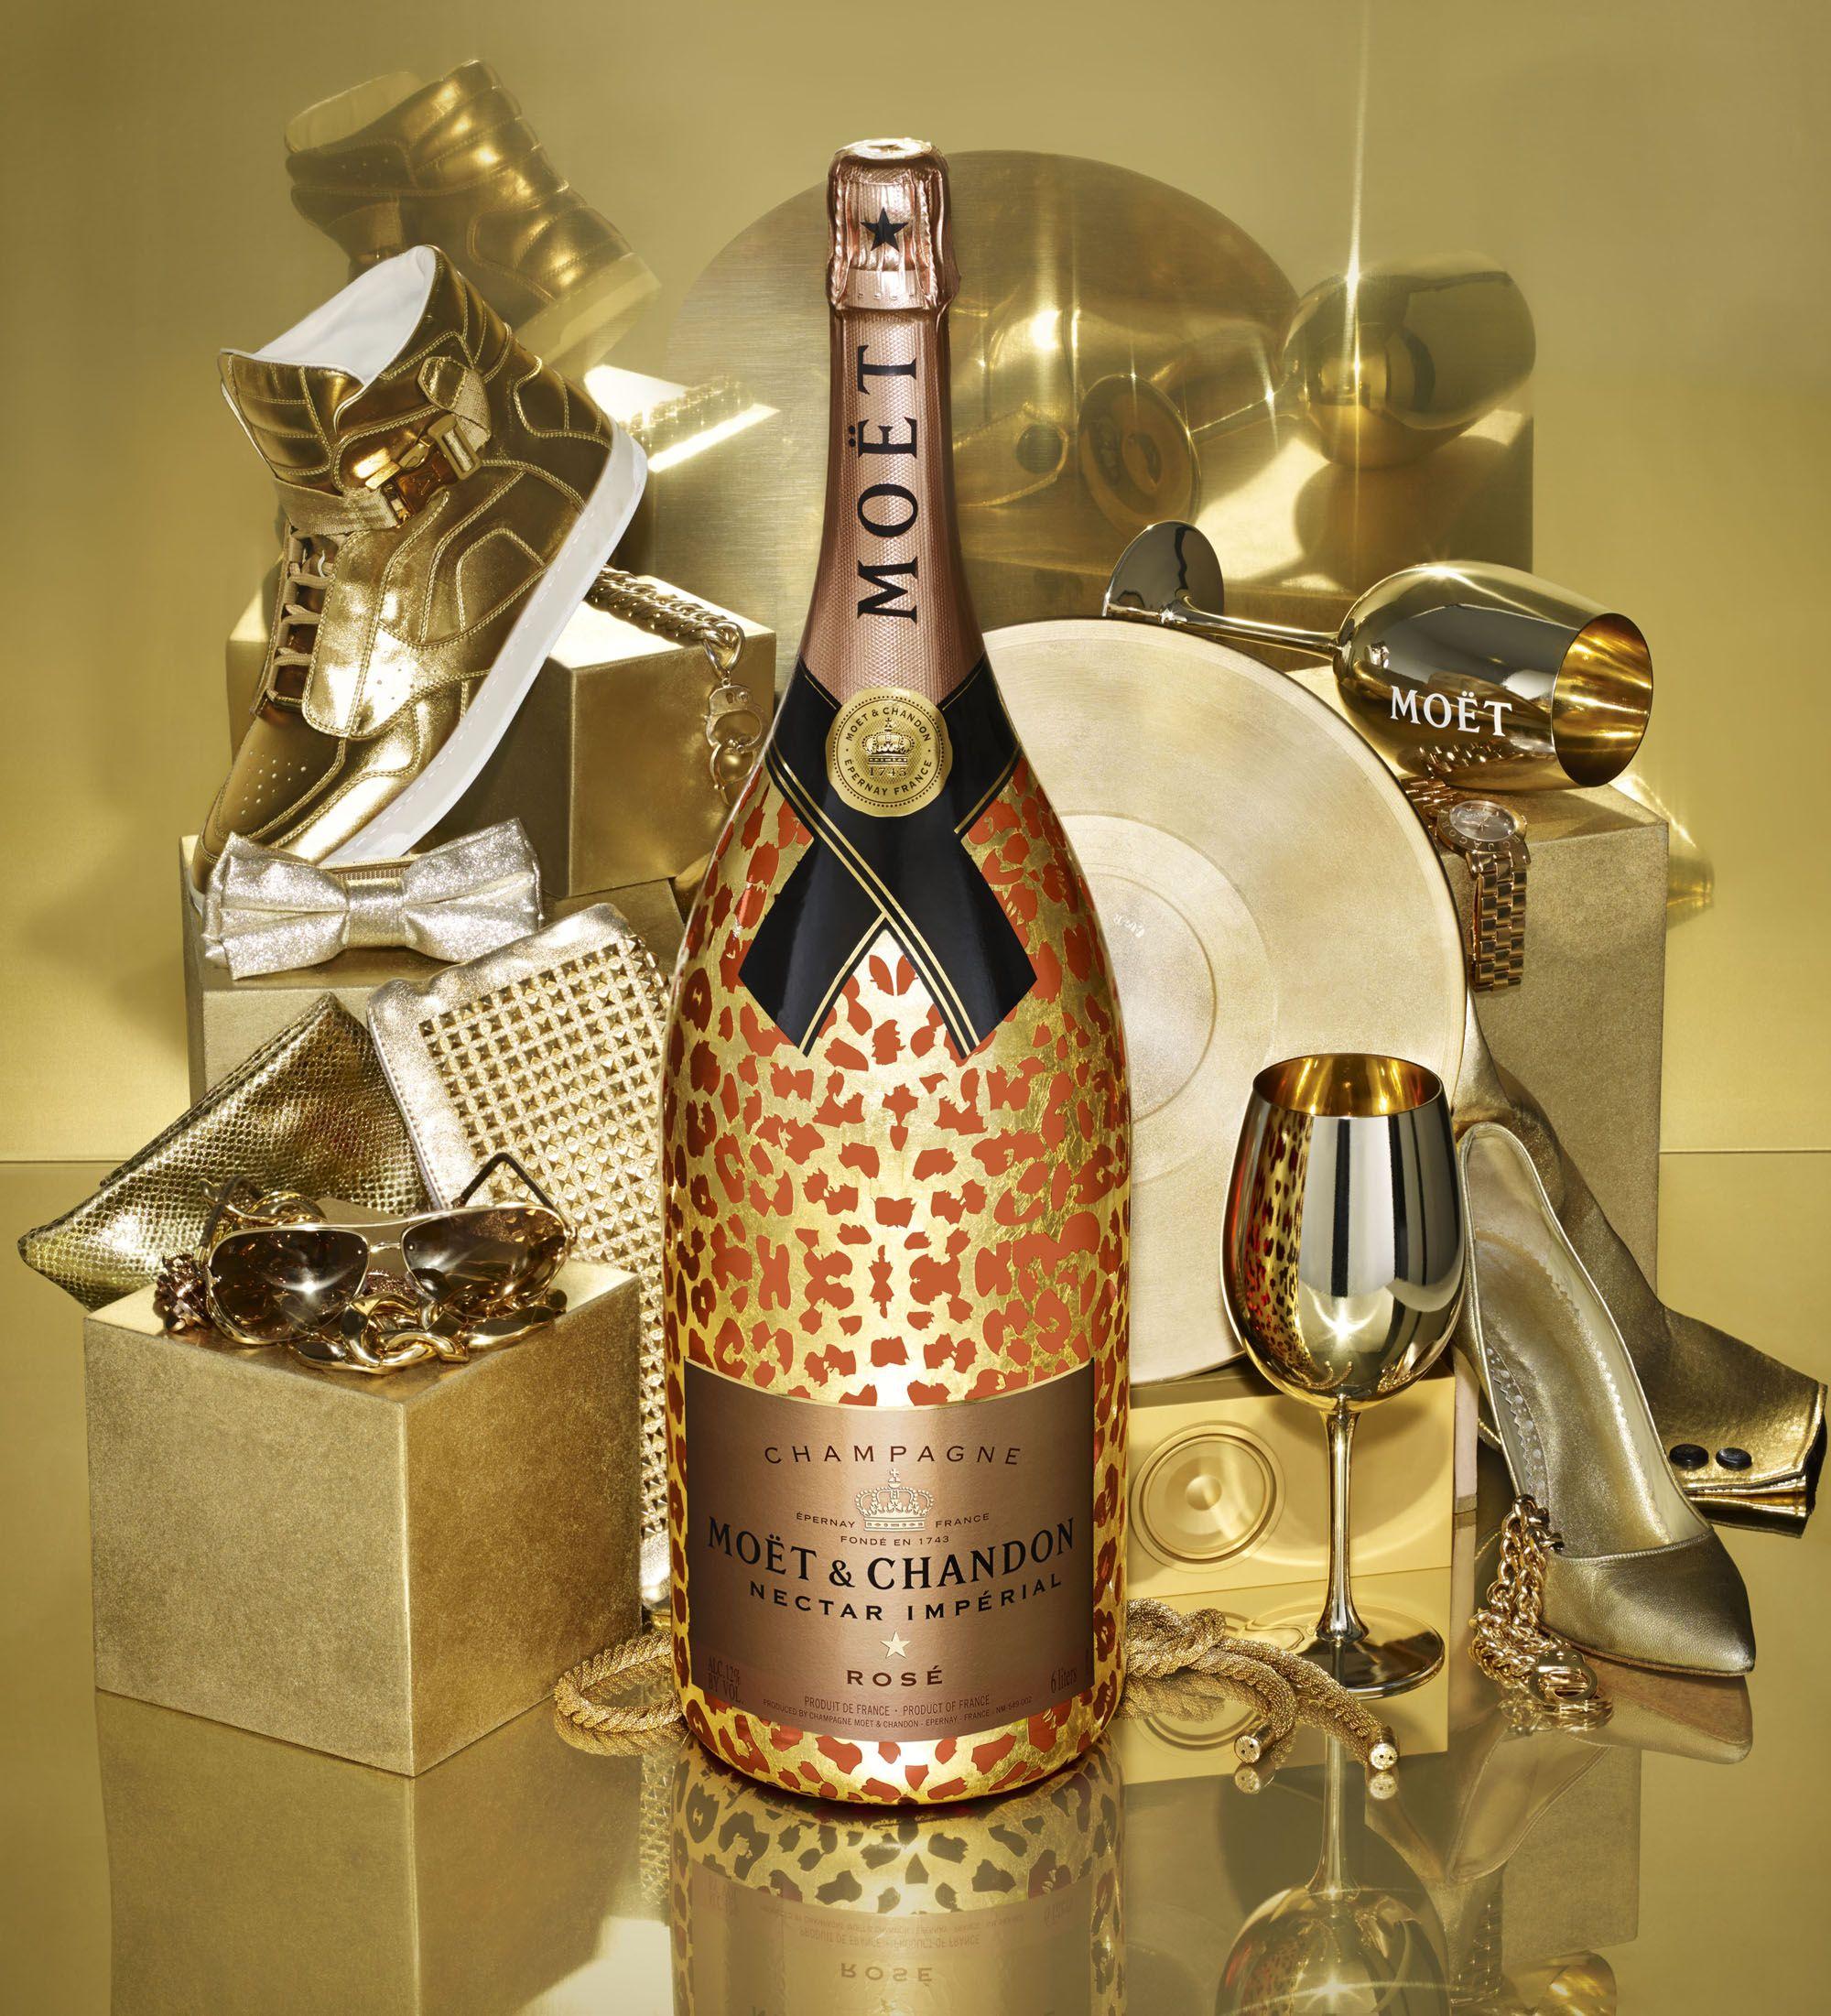 Moët & Chandon Nectar Impérial Rosé Leopard Champagne